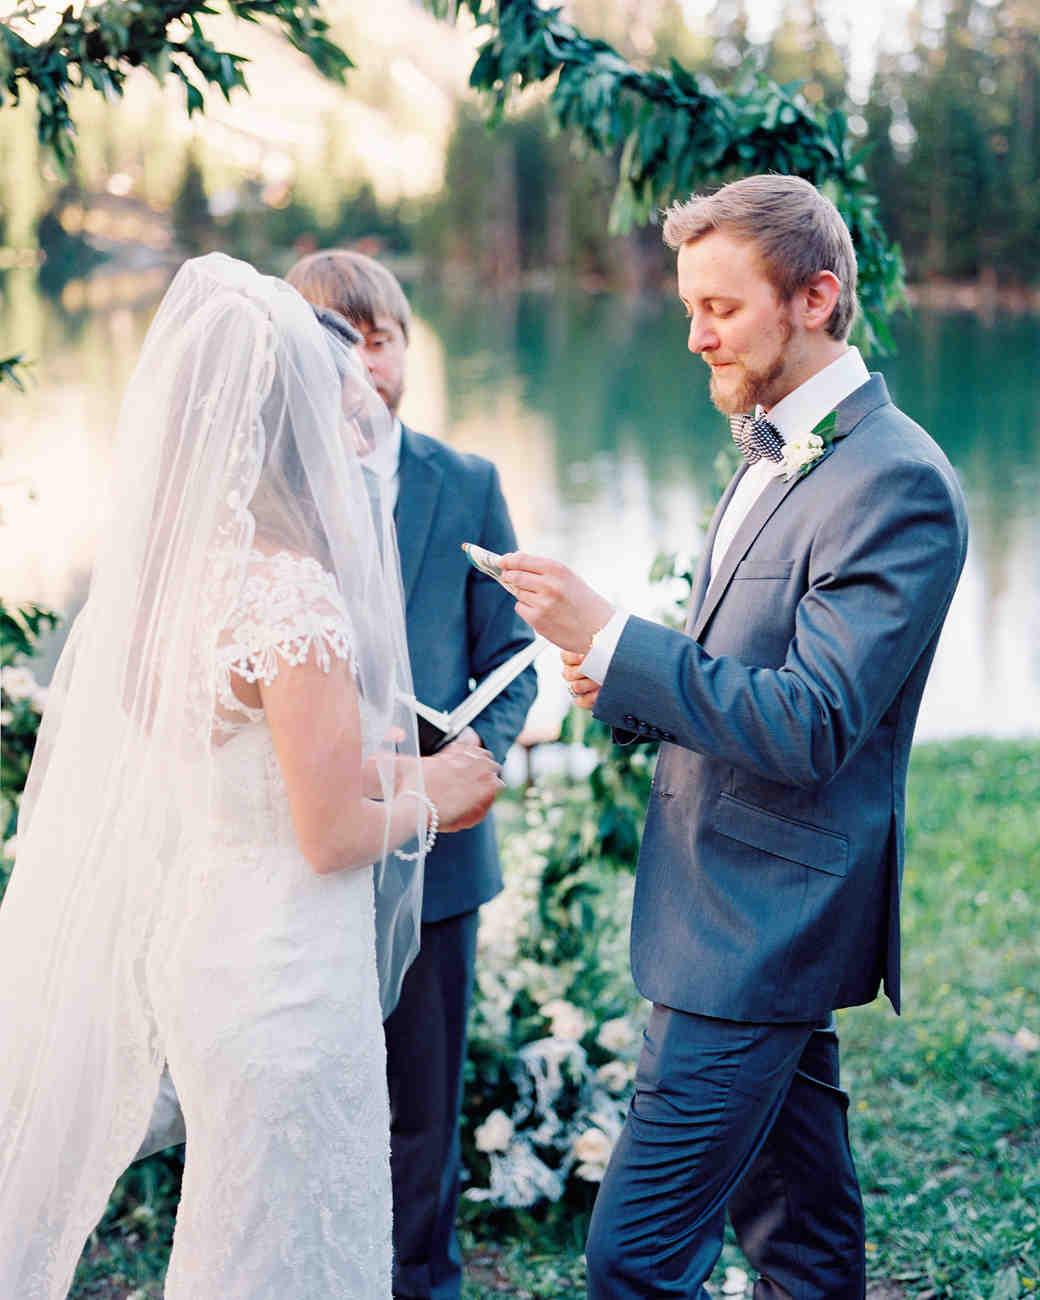 mckenzie-brandon-wedding-vows-20-s112364-1115.jpg